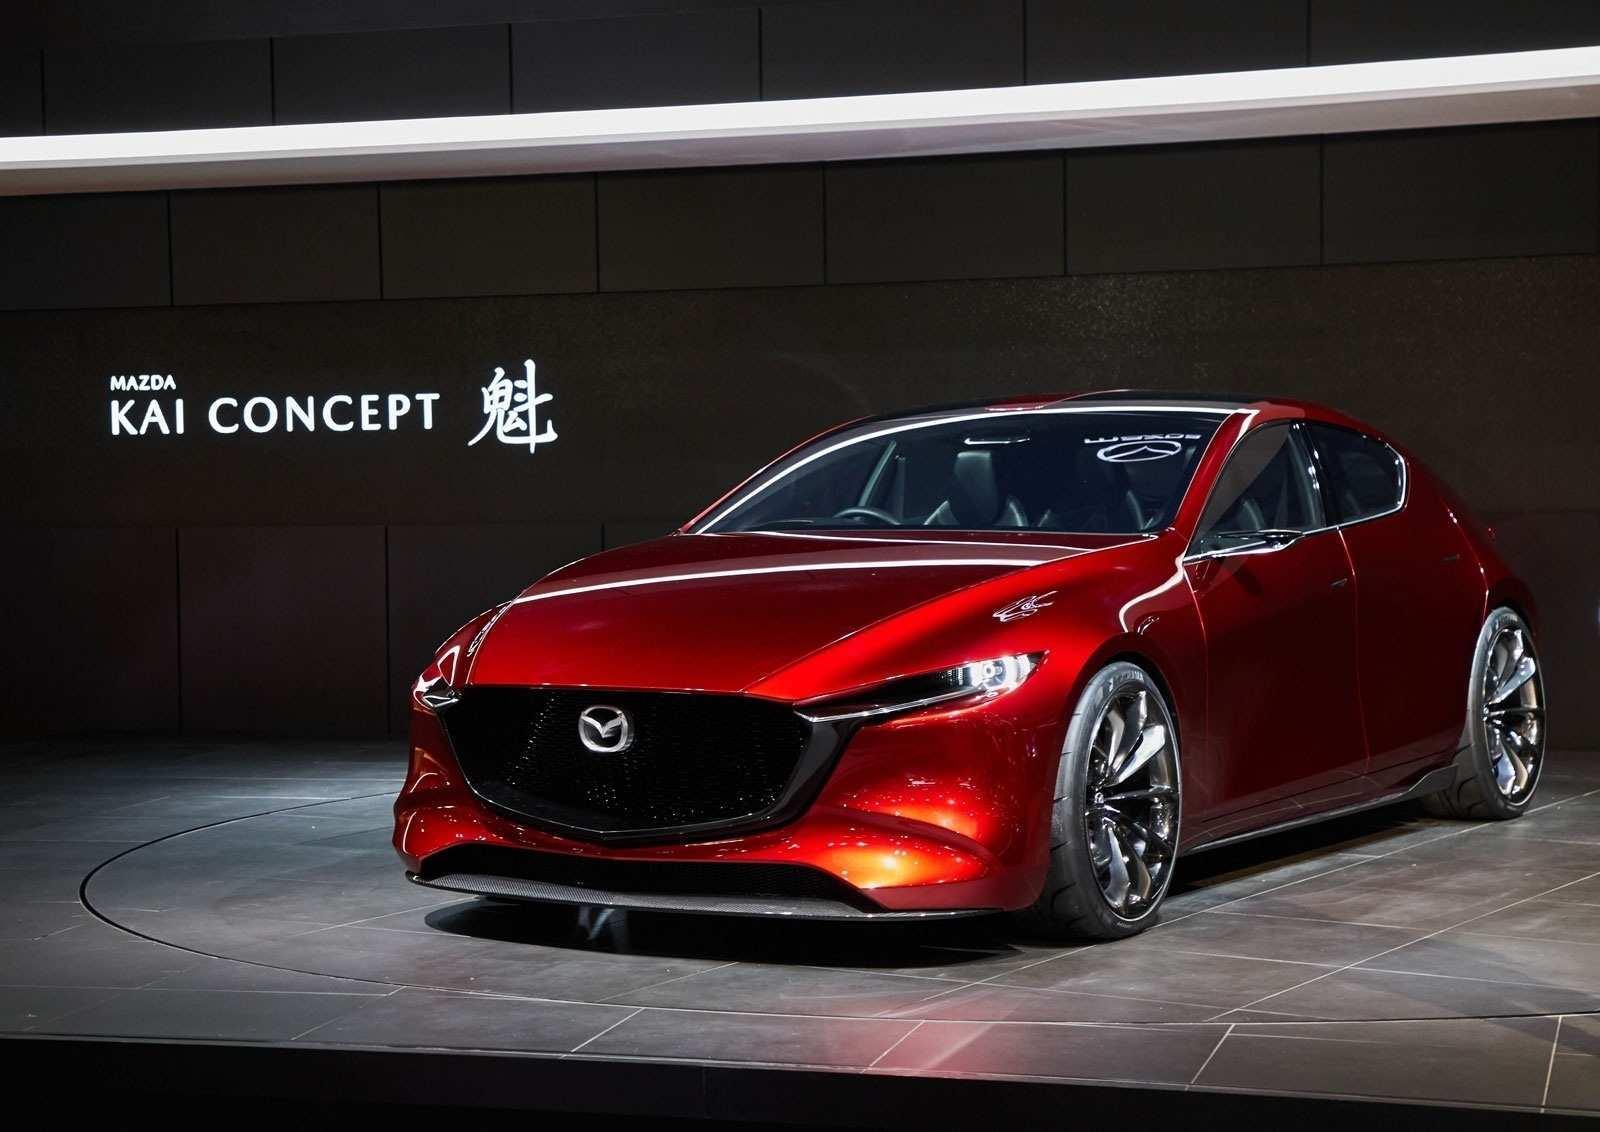 68 The New Conceptos Mazda 2020 Redesign and Concept by New Conceptos Mazda 2020